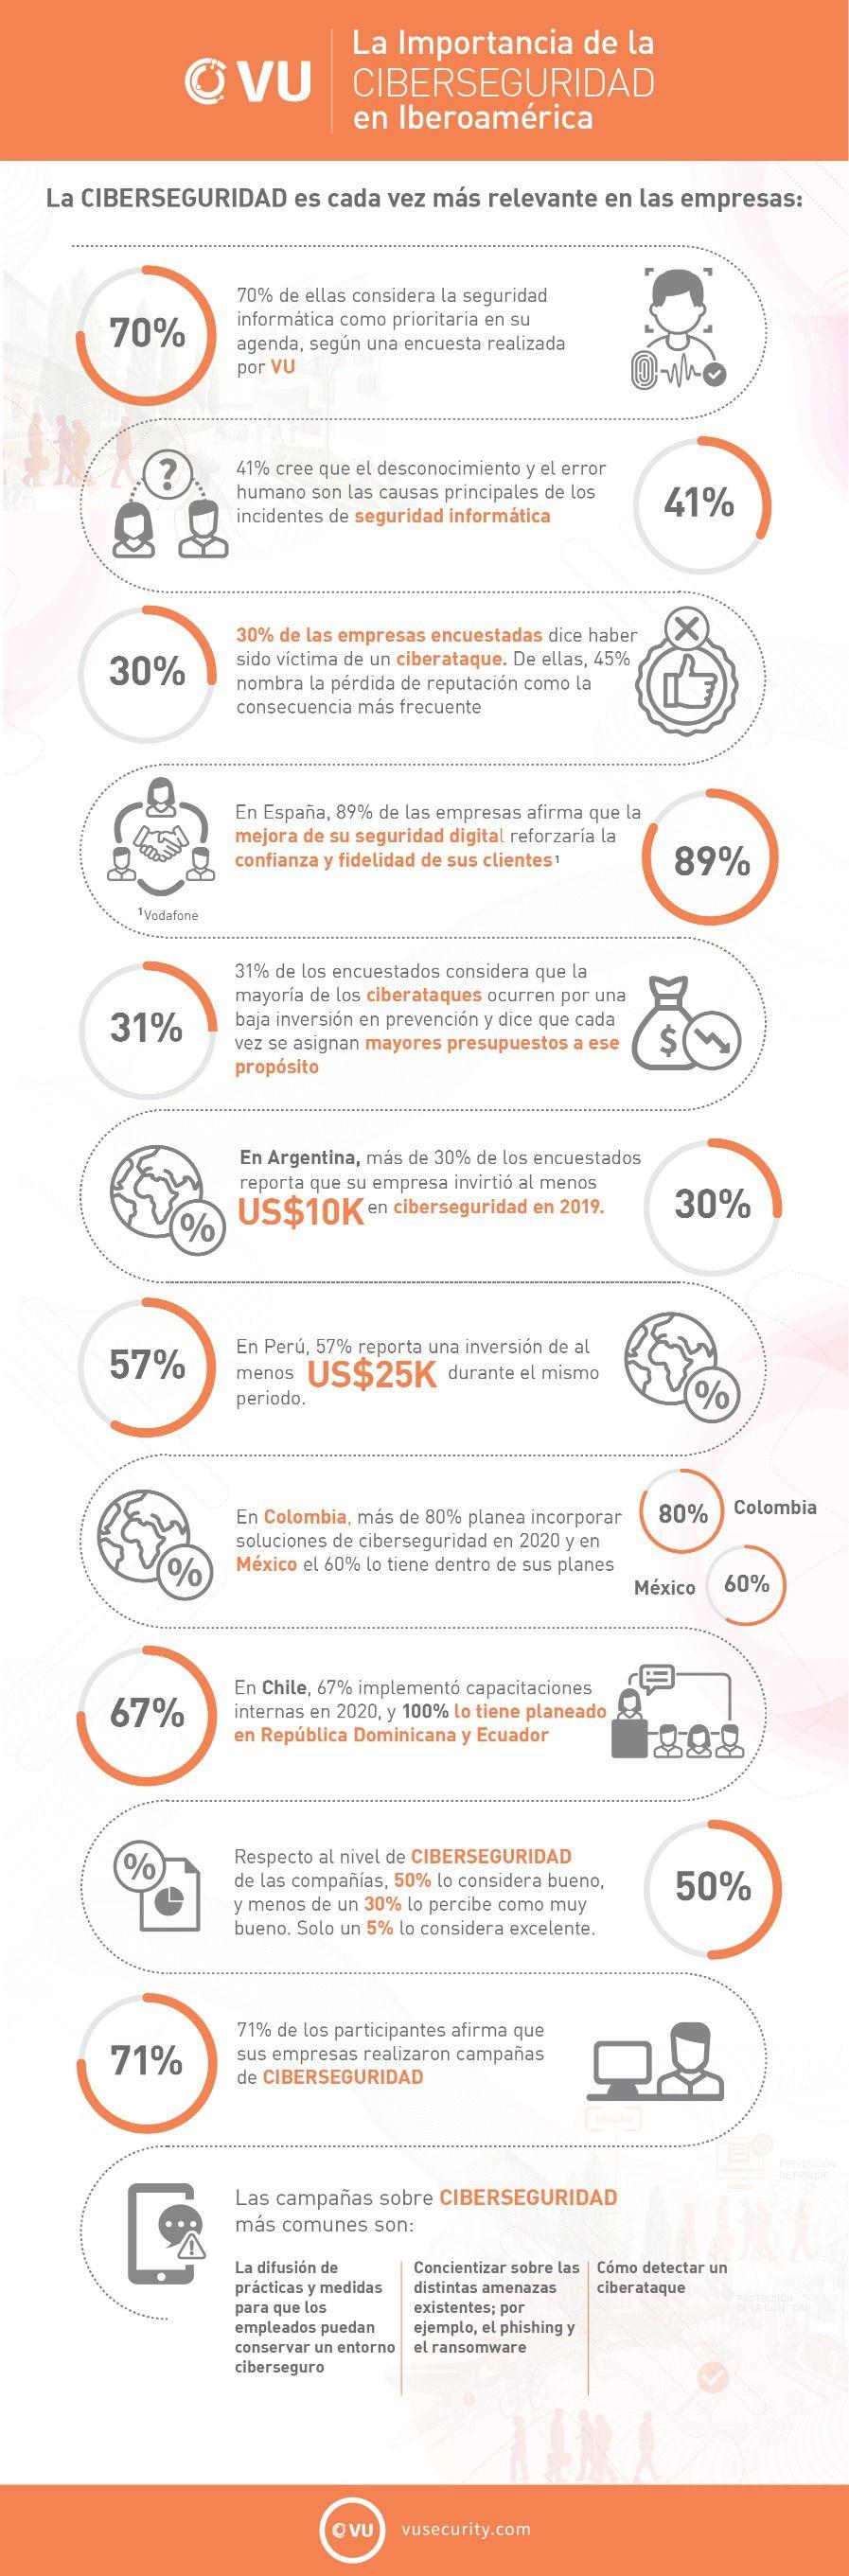 Foto de La importancia de la ciberseguridad en Iberoamérica